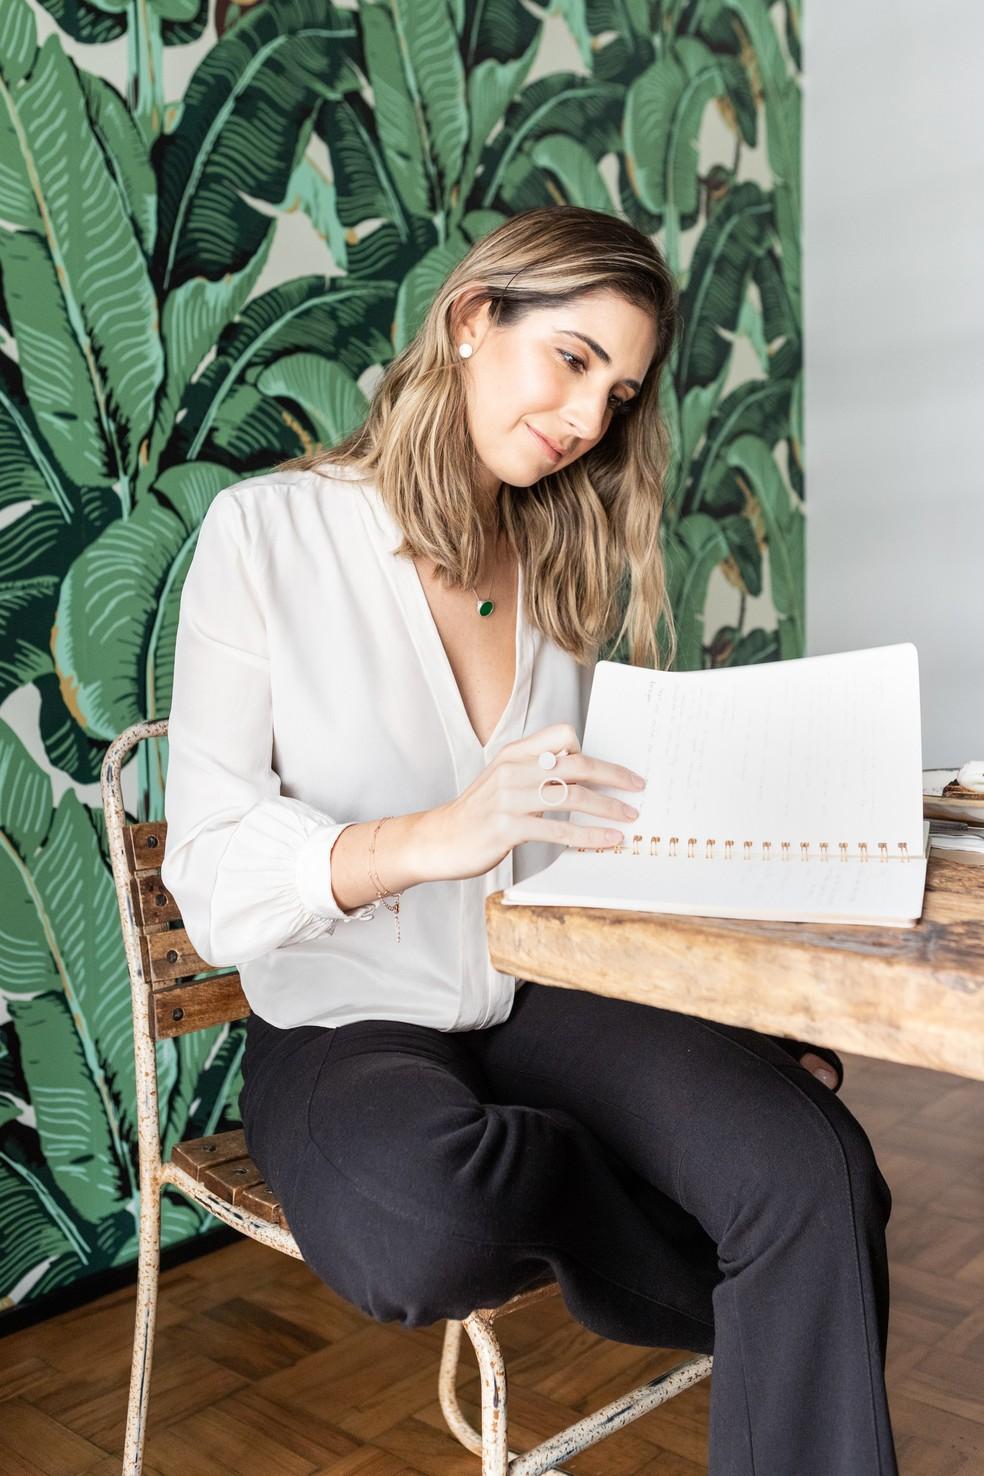 Liana Pandin, do Ateliê das Calças: 'Hoje eu vejo a importância de minha primeira chefe ter sido uma mulher'. — Foto: Divulgação